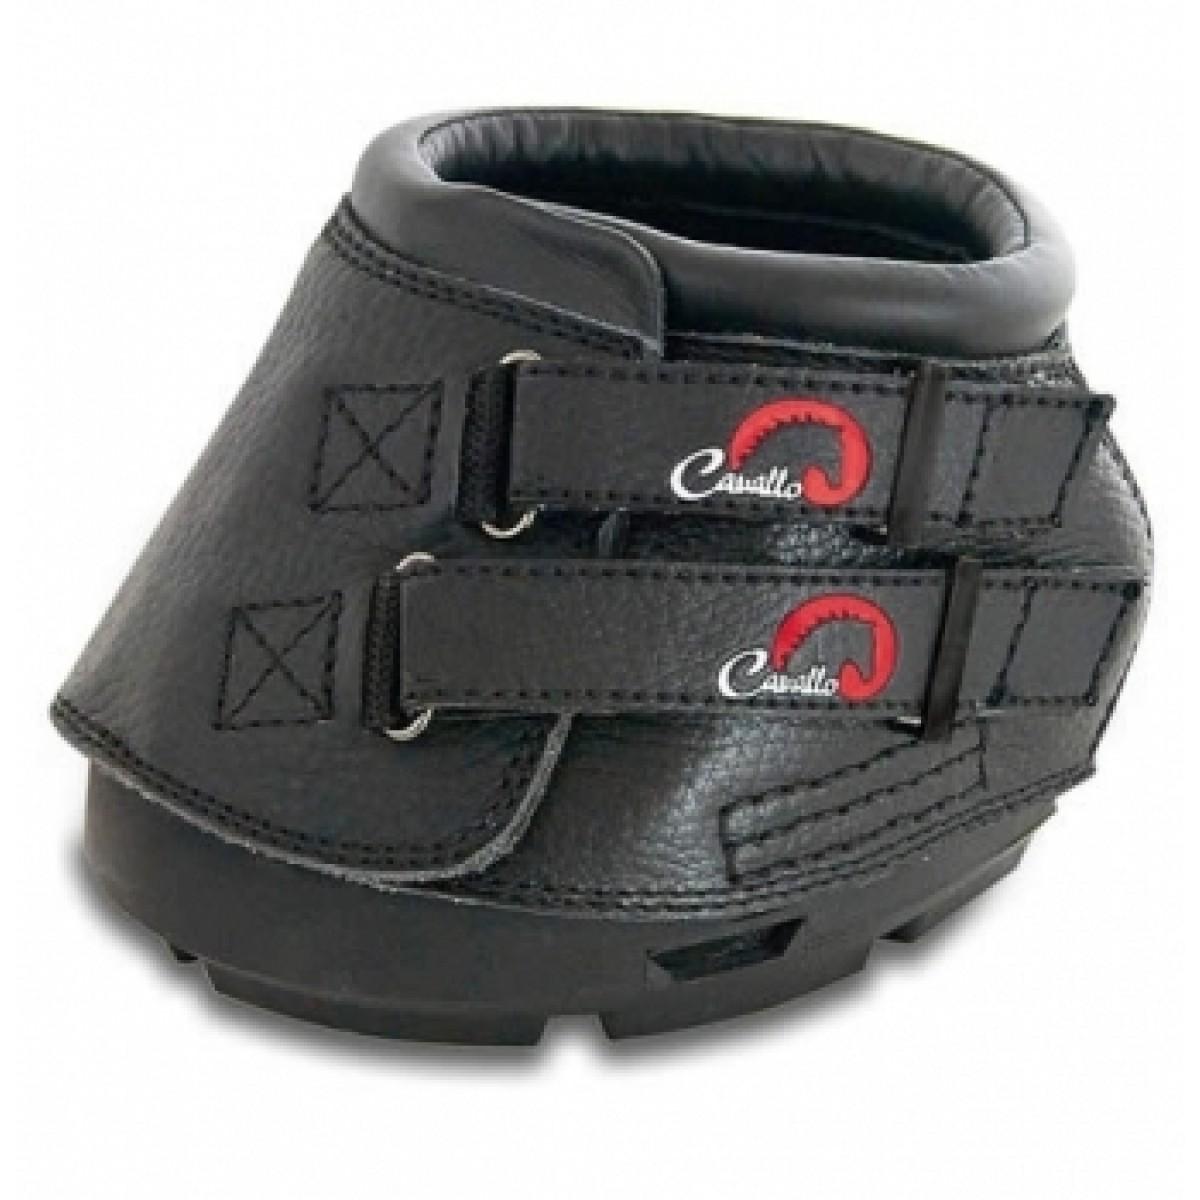 Cavallo Simple Boot